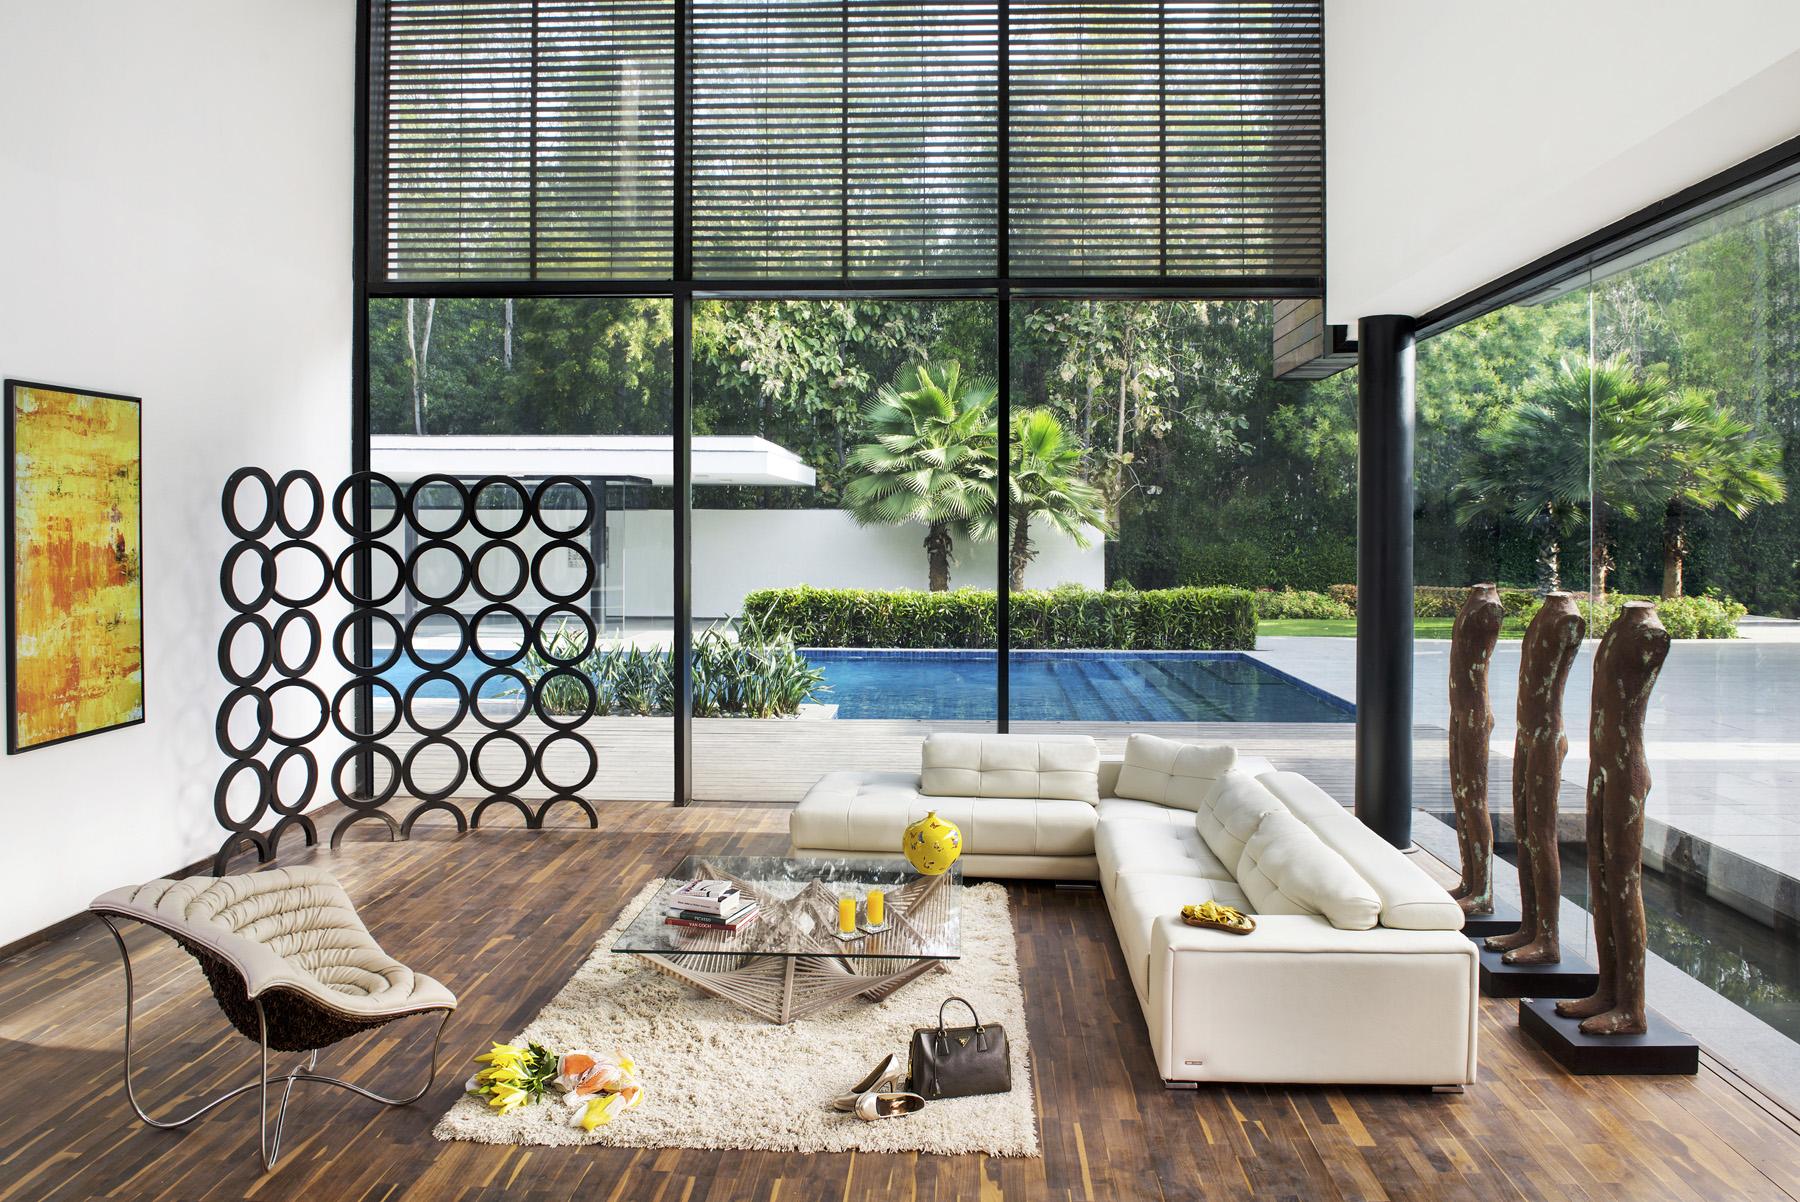 idus furnitures interior photography aditya mendiratta 1